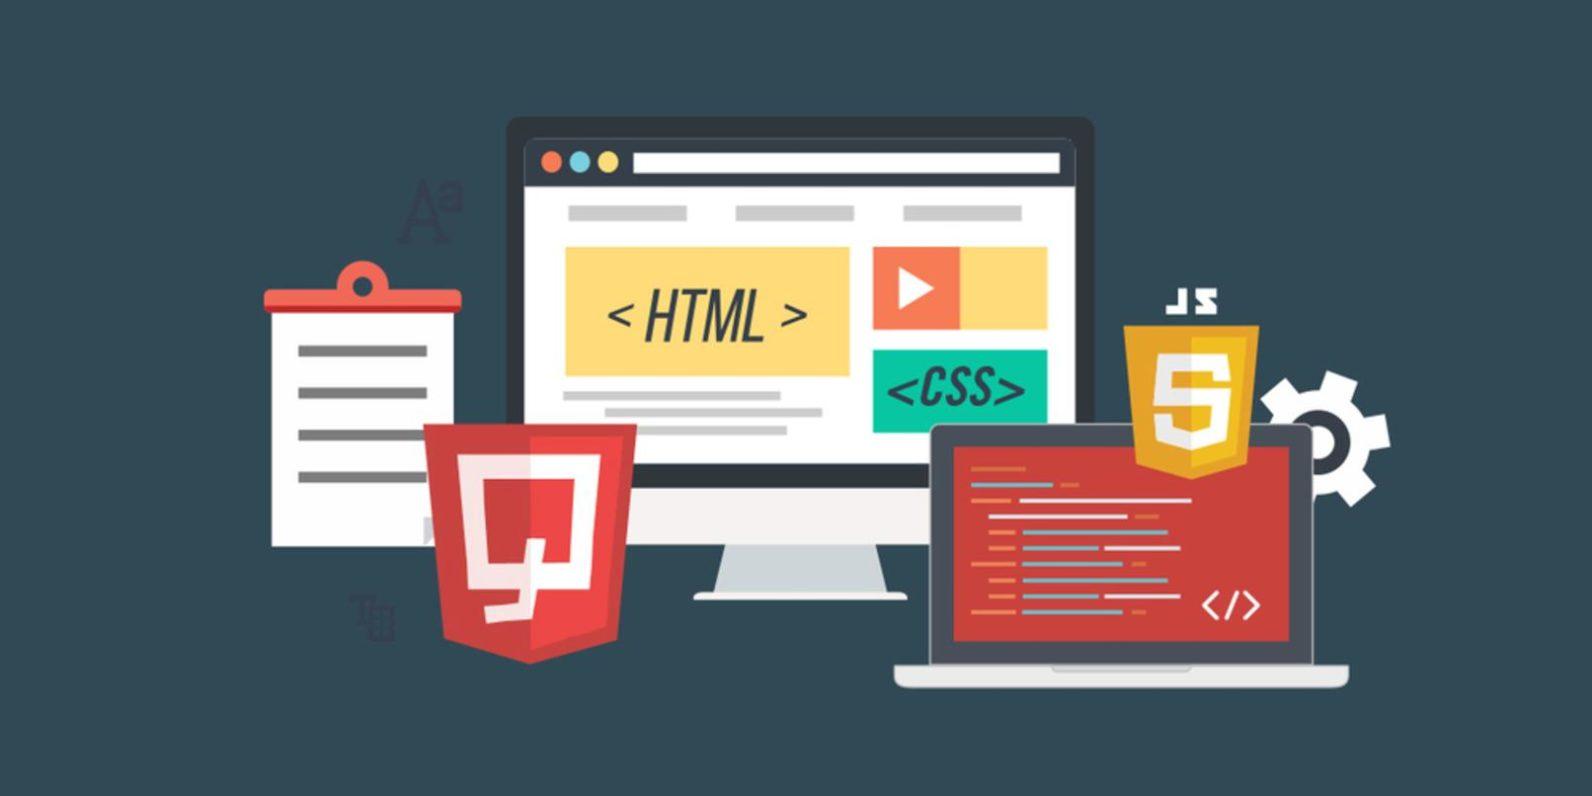 عمادة التعاملات الإلكترونية تنظم ورشة عمل تطوير واجهات الويب